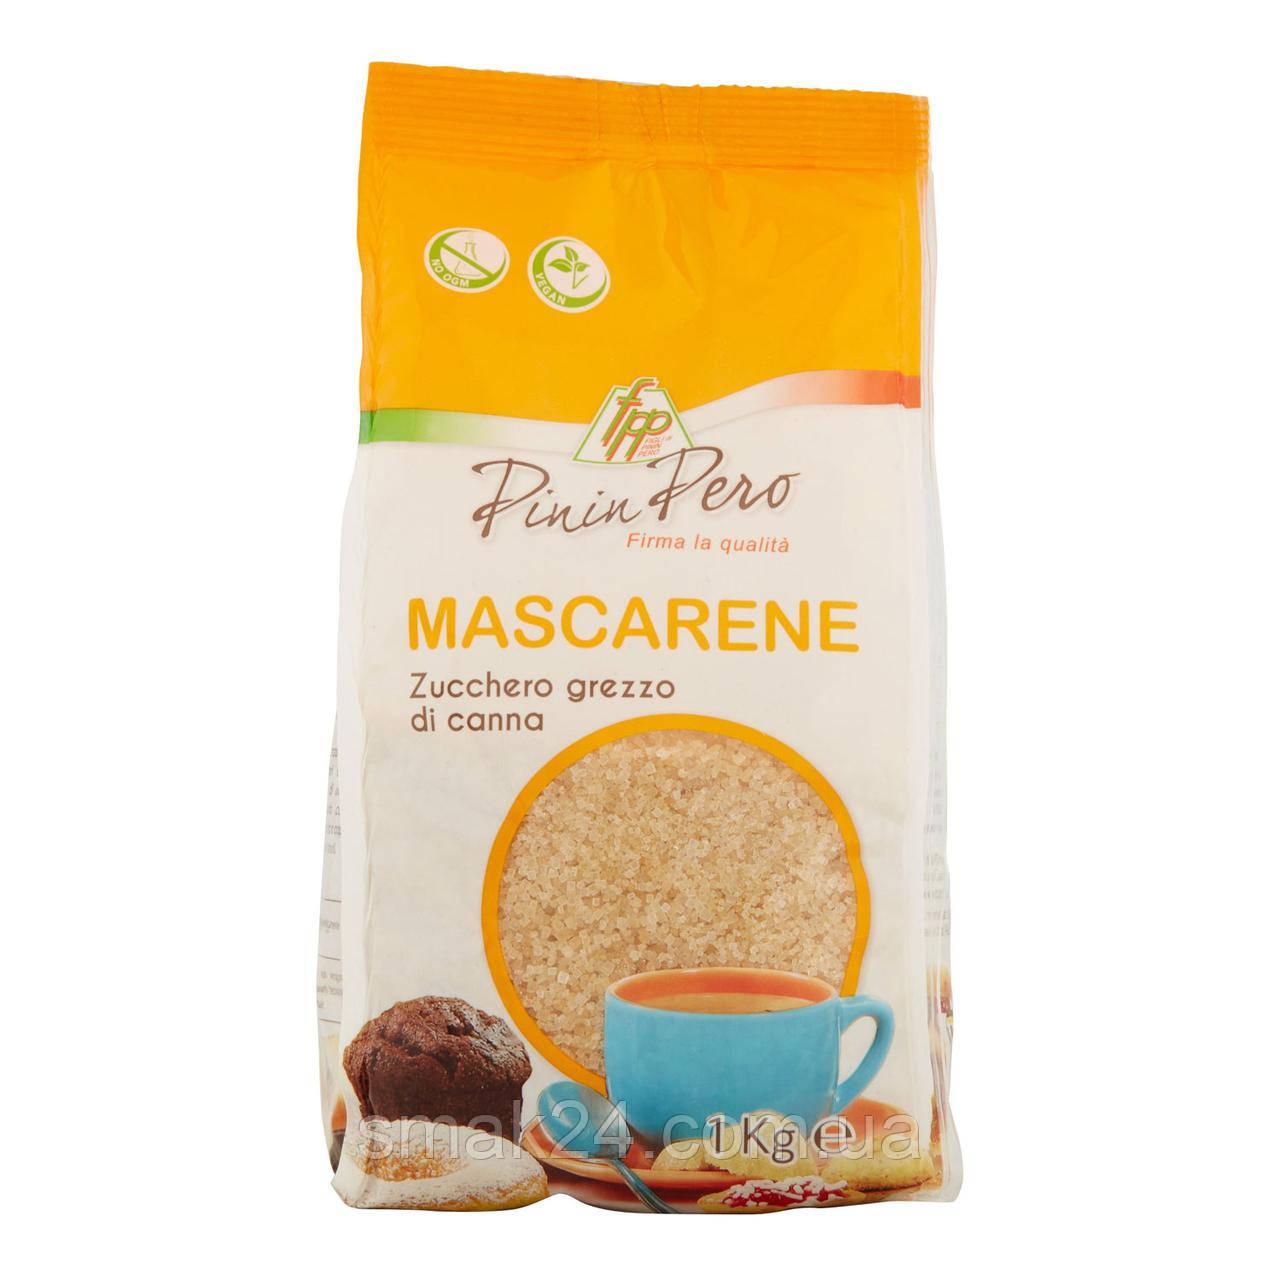 Цукор тростинний коричневий Pinin Pero Mascarene Zucchero grezzo 1кг Італія